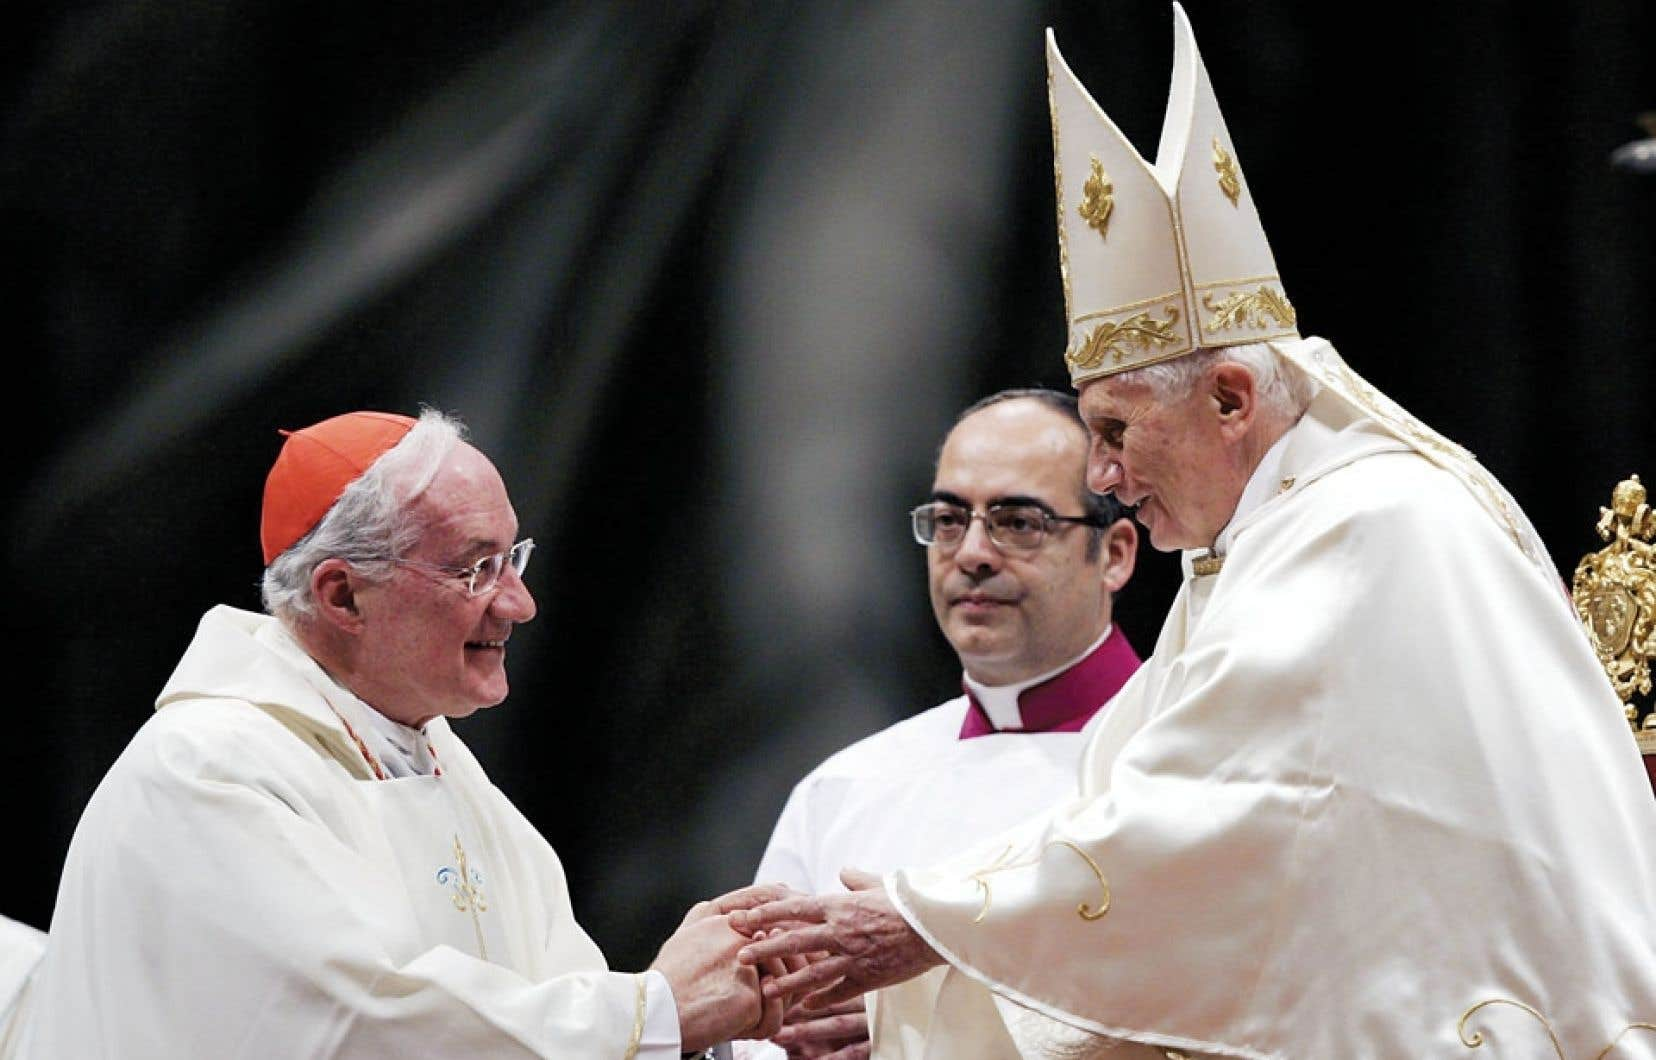 Le cardinal Ouellet et le pape Benoît XVI, qui a renoncé à sa fonction lundi, lors d'une messe pour l'Amérique latine au Vatican, en décembre 2011.